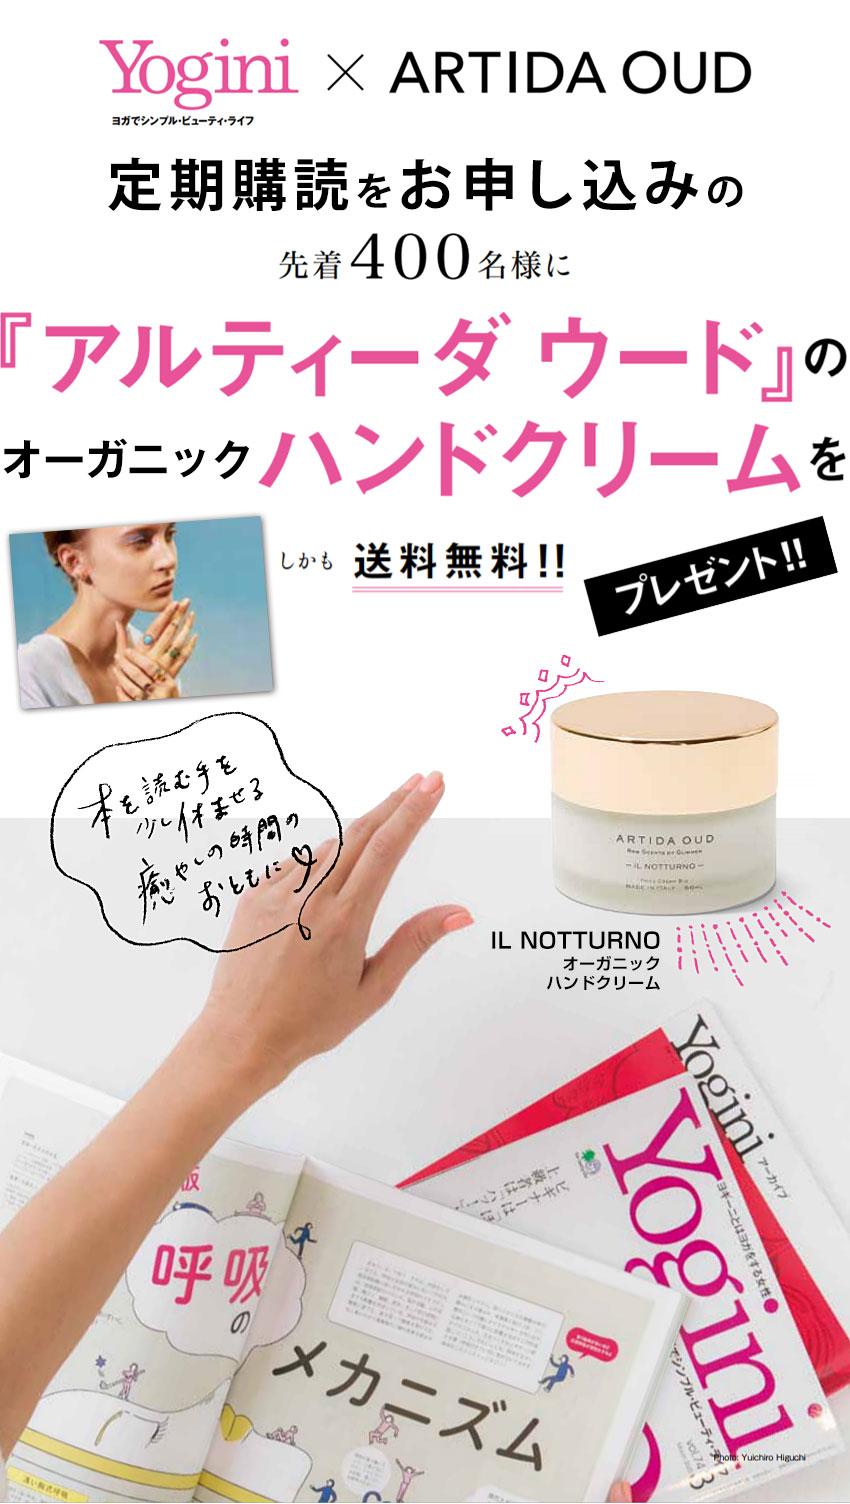 ヨギーニ 定期購読キャンペーン!もちろん送料無料!   雑誌/定期購読 ...